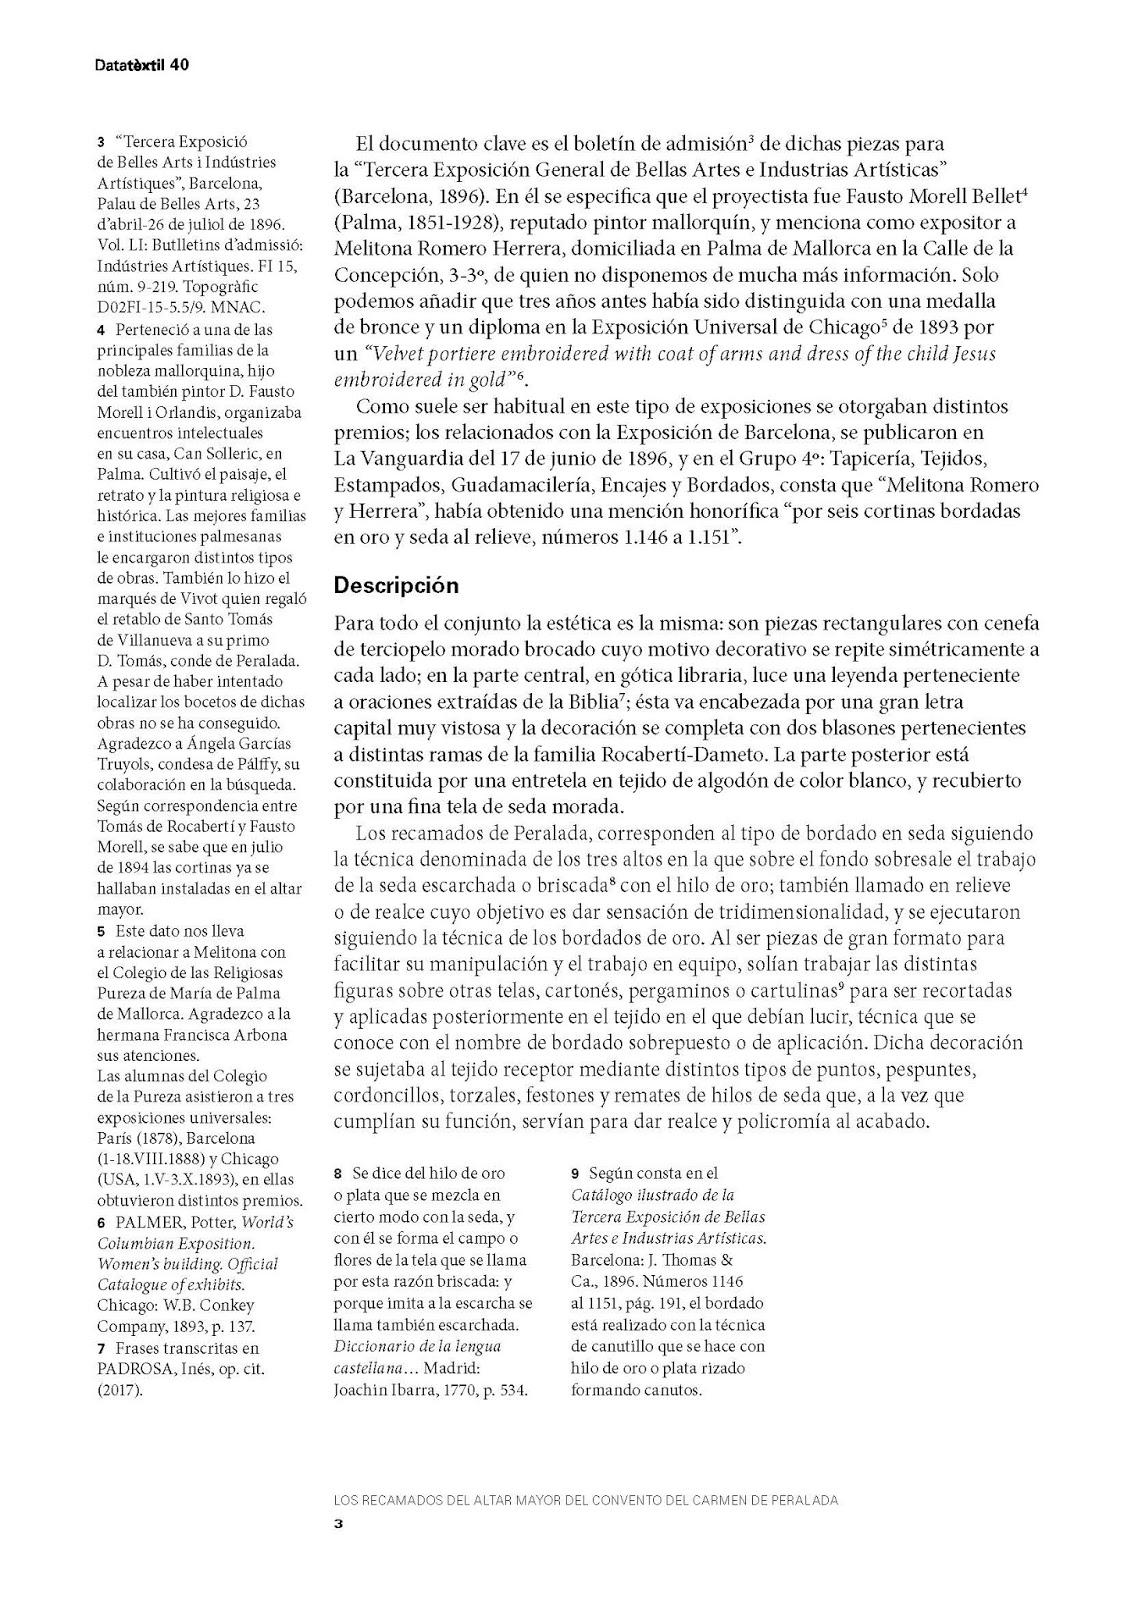 DTT40 VO-RECAMADOS_Página_3